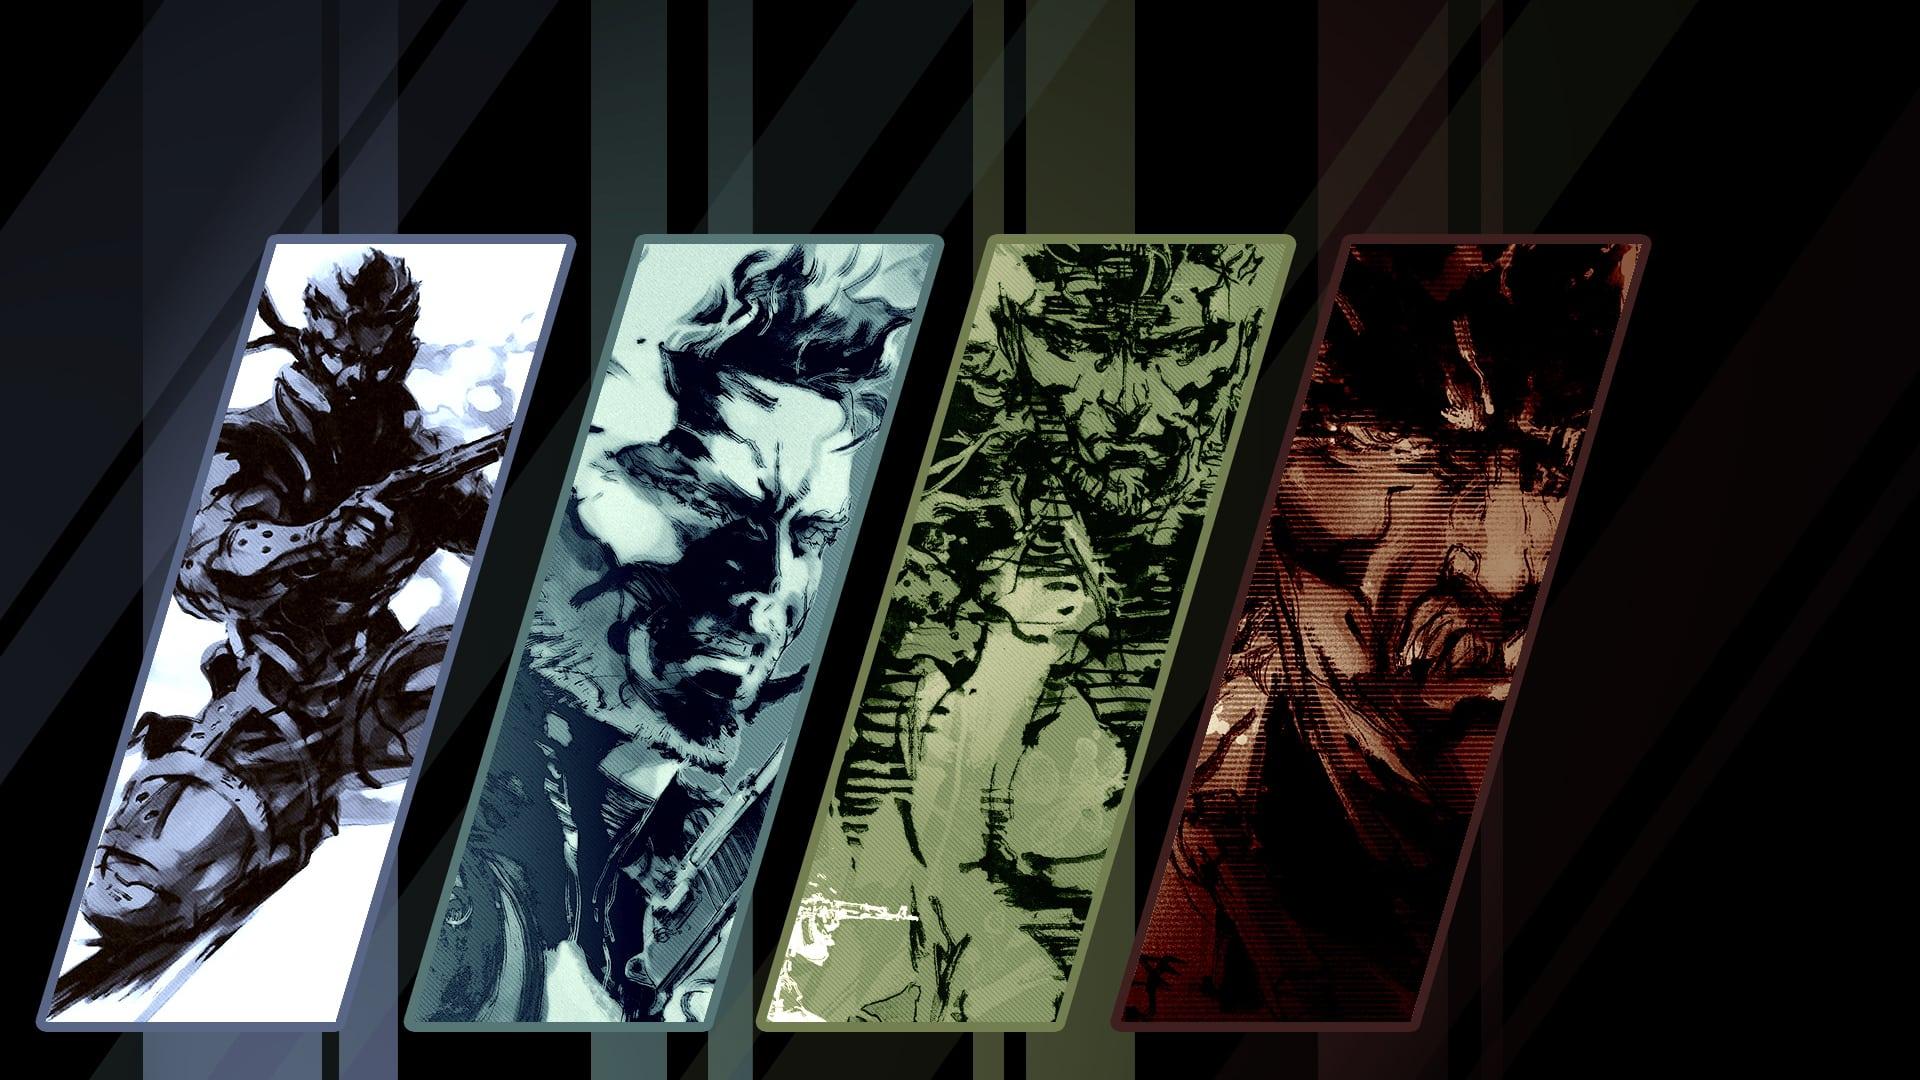 Metal Gear Solid Series